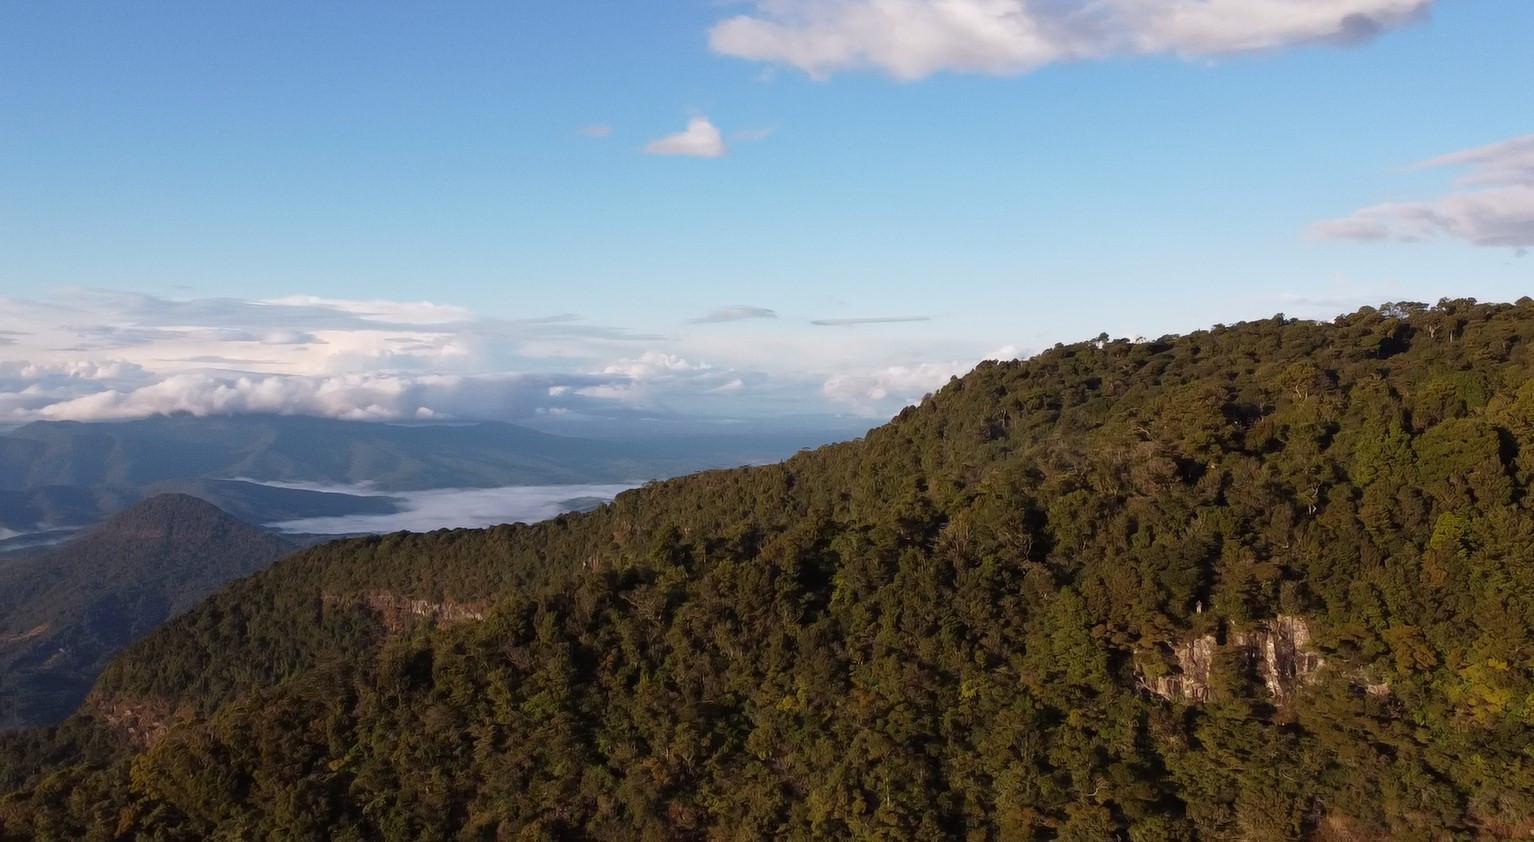 Mt Wagawn